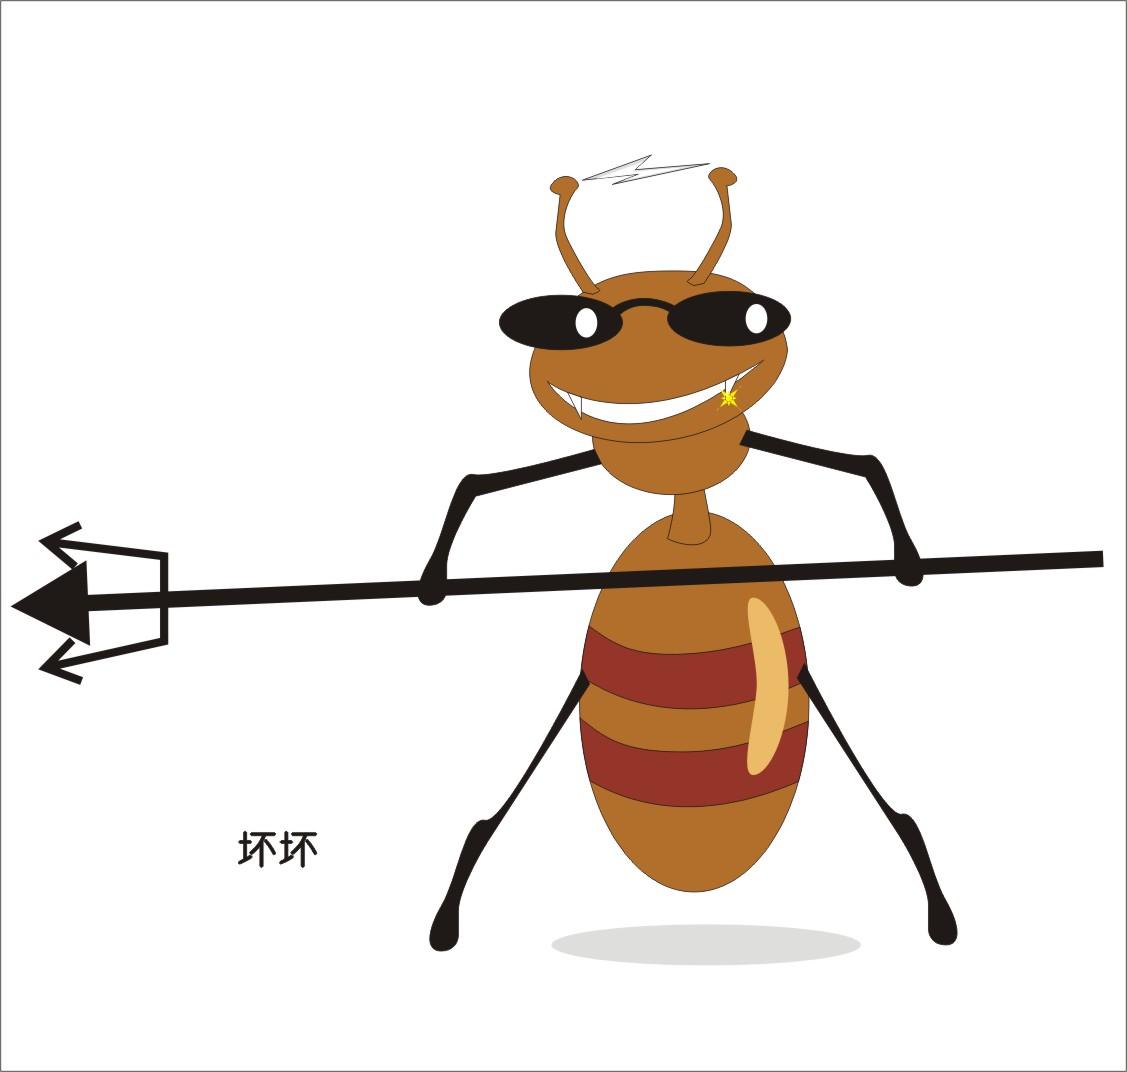 蚂蚁卡通形象设计 605元 K68威客任务